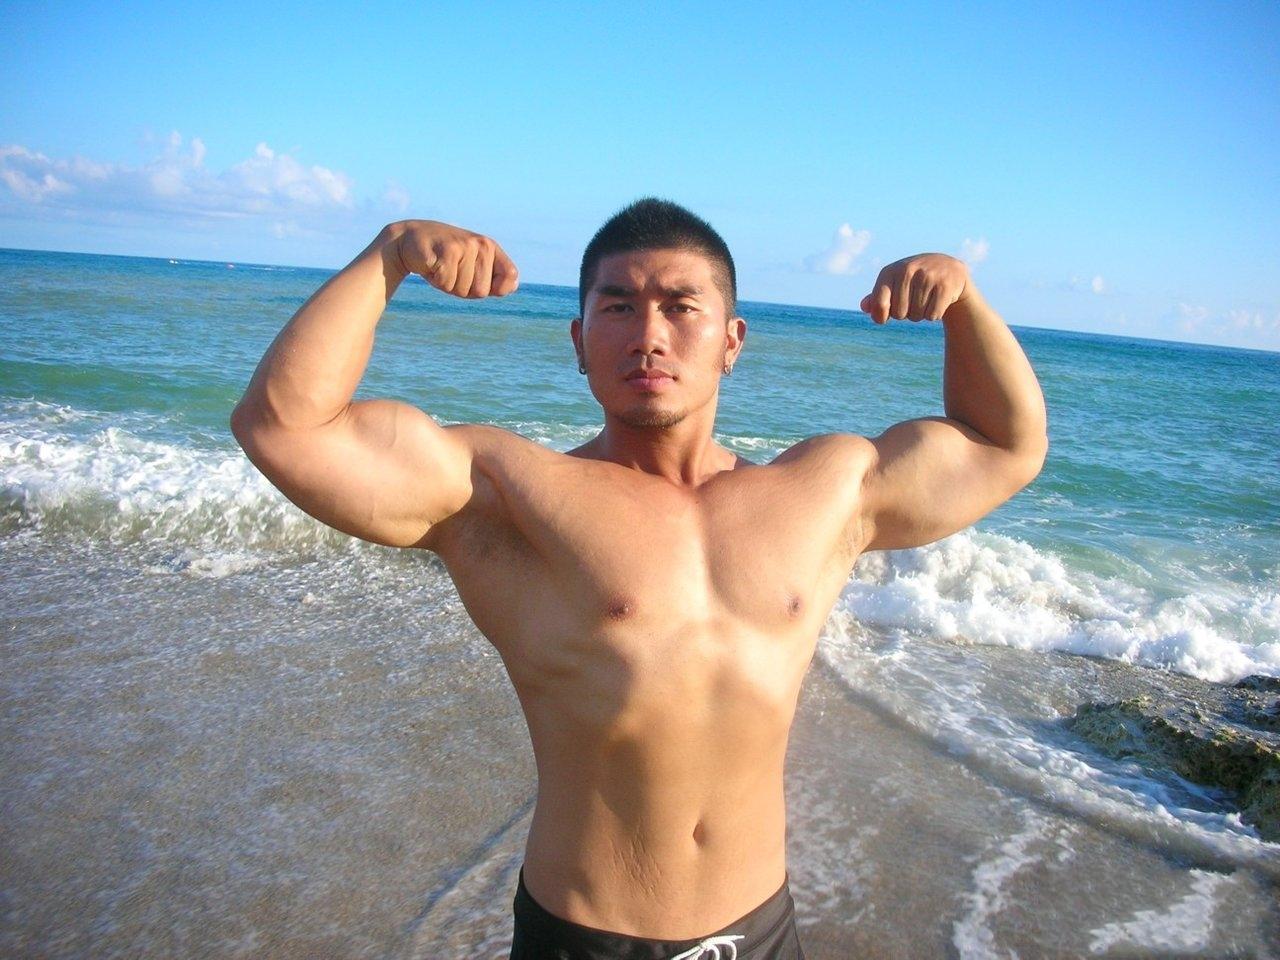 【转载】壮男的肌肉 - 军梦 - 壮帅中年的博客